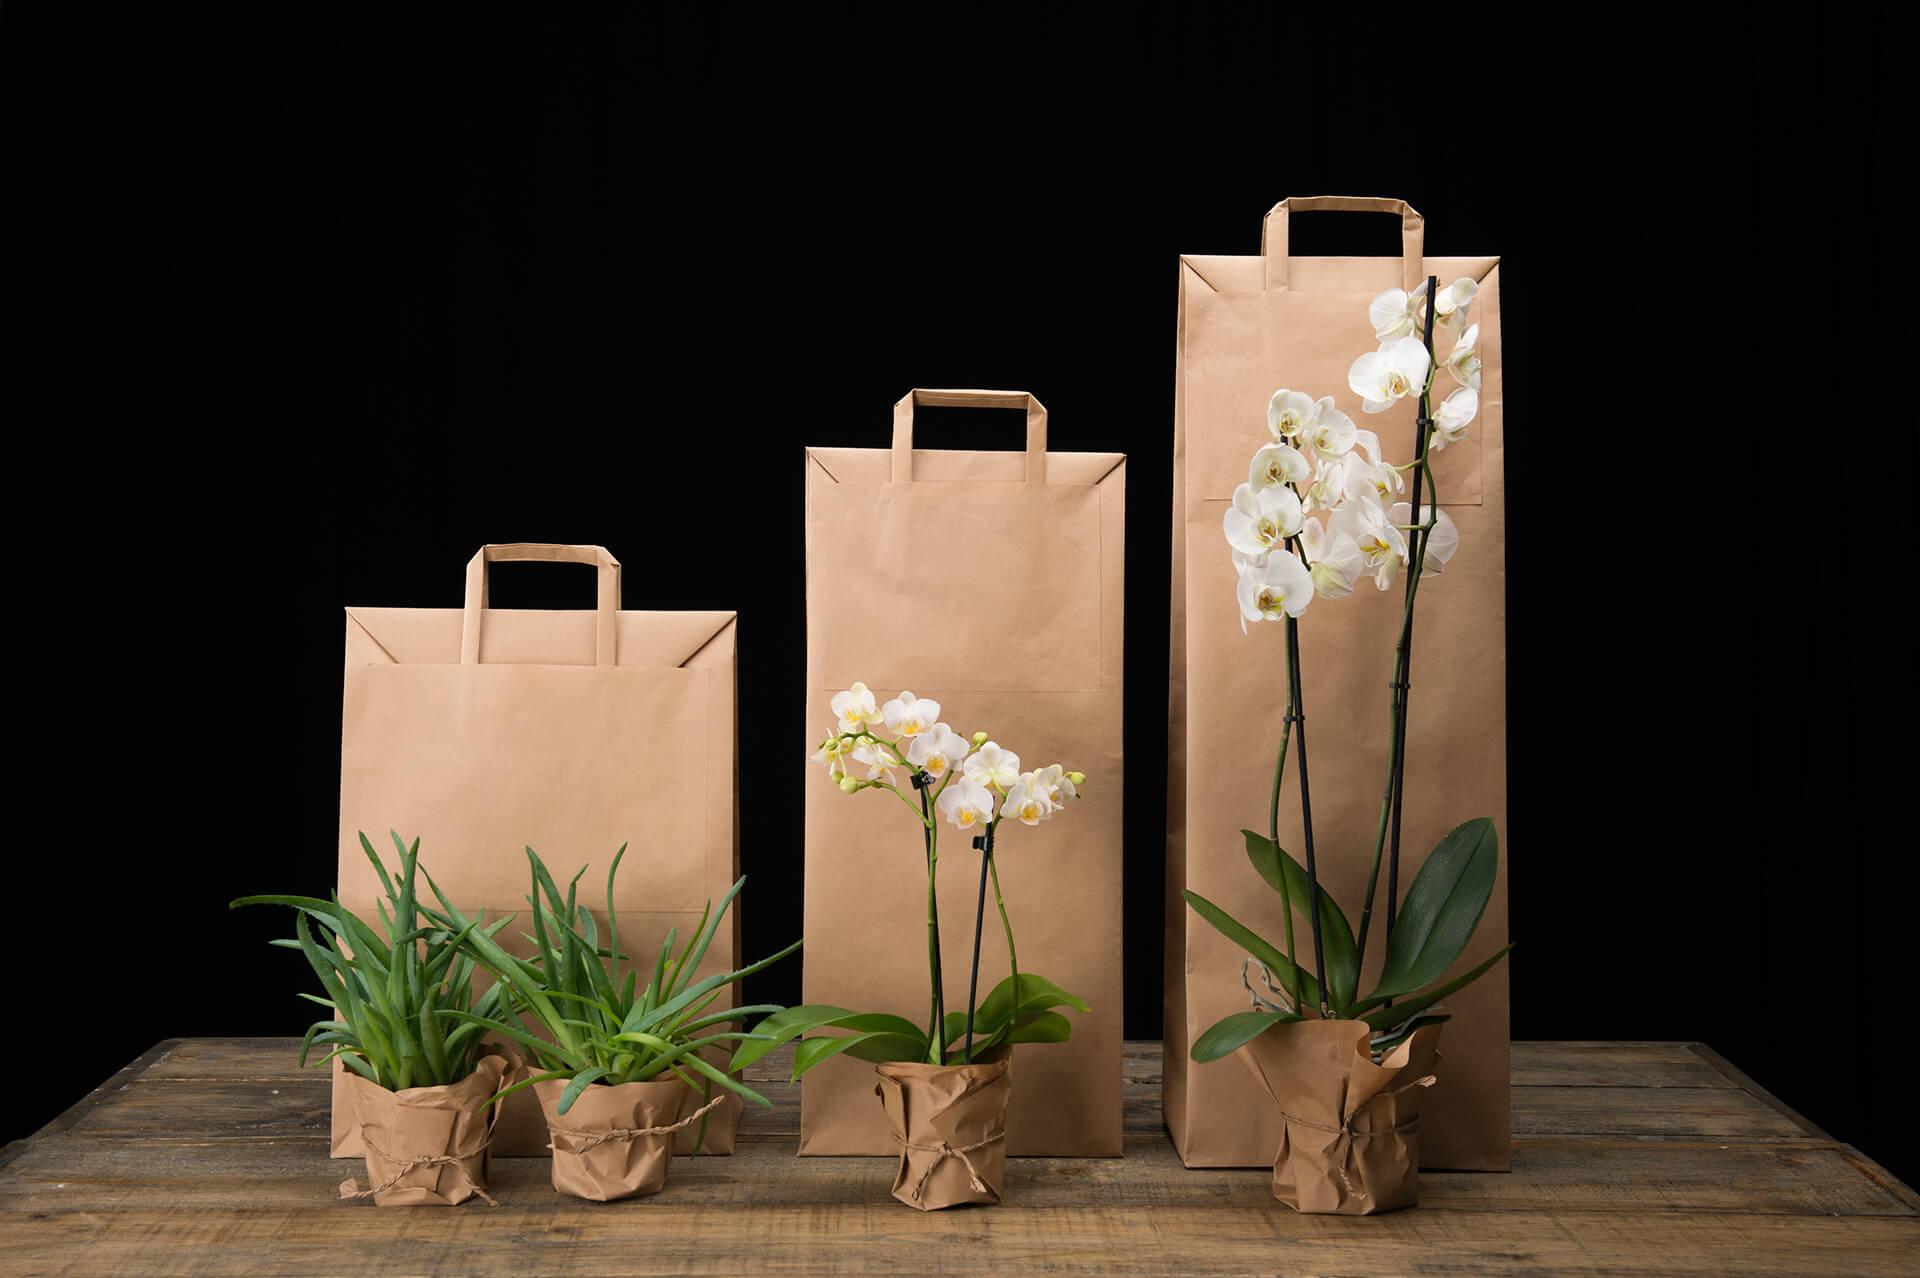 las bolsas de cartón te ayudan a tener una empresa ecológica